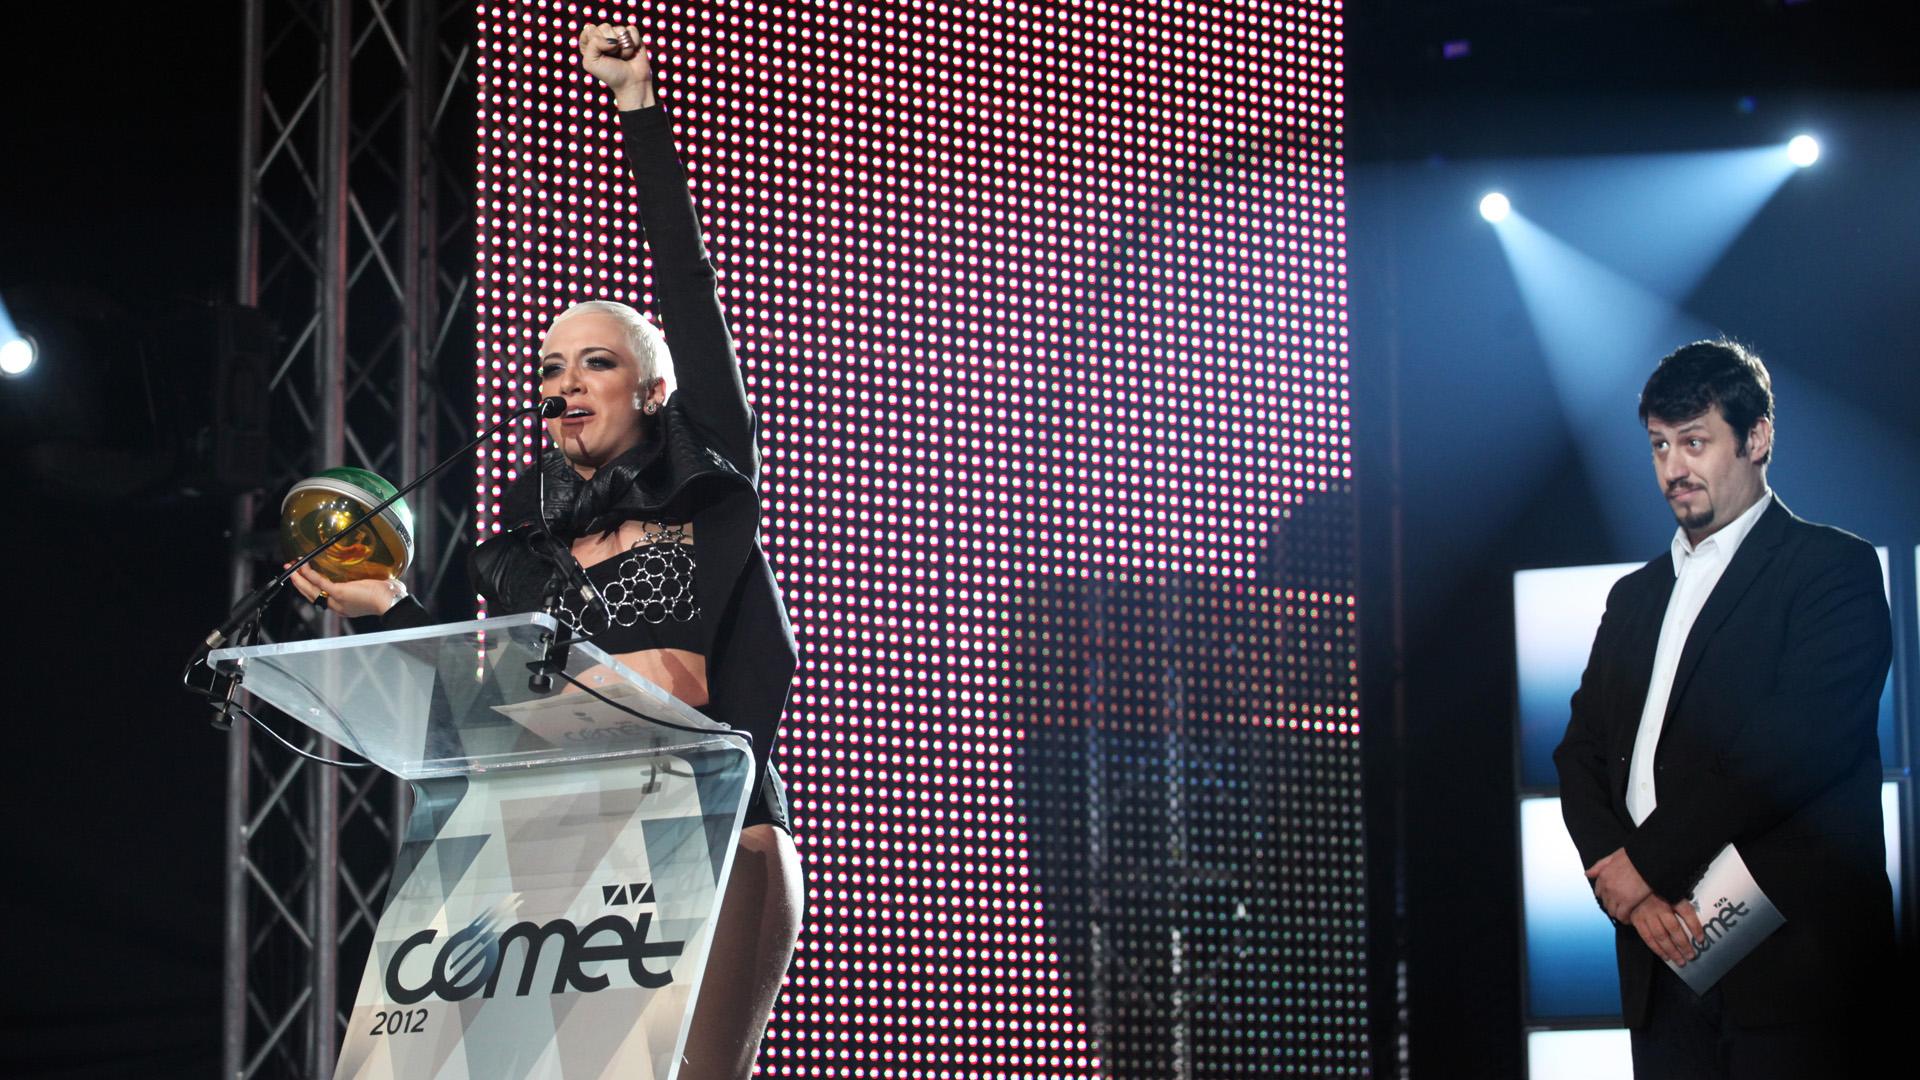 Puzsér fűtött be a Viva Comet közönségének 2012-ben